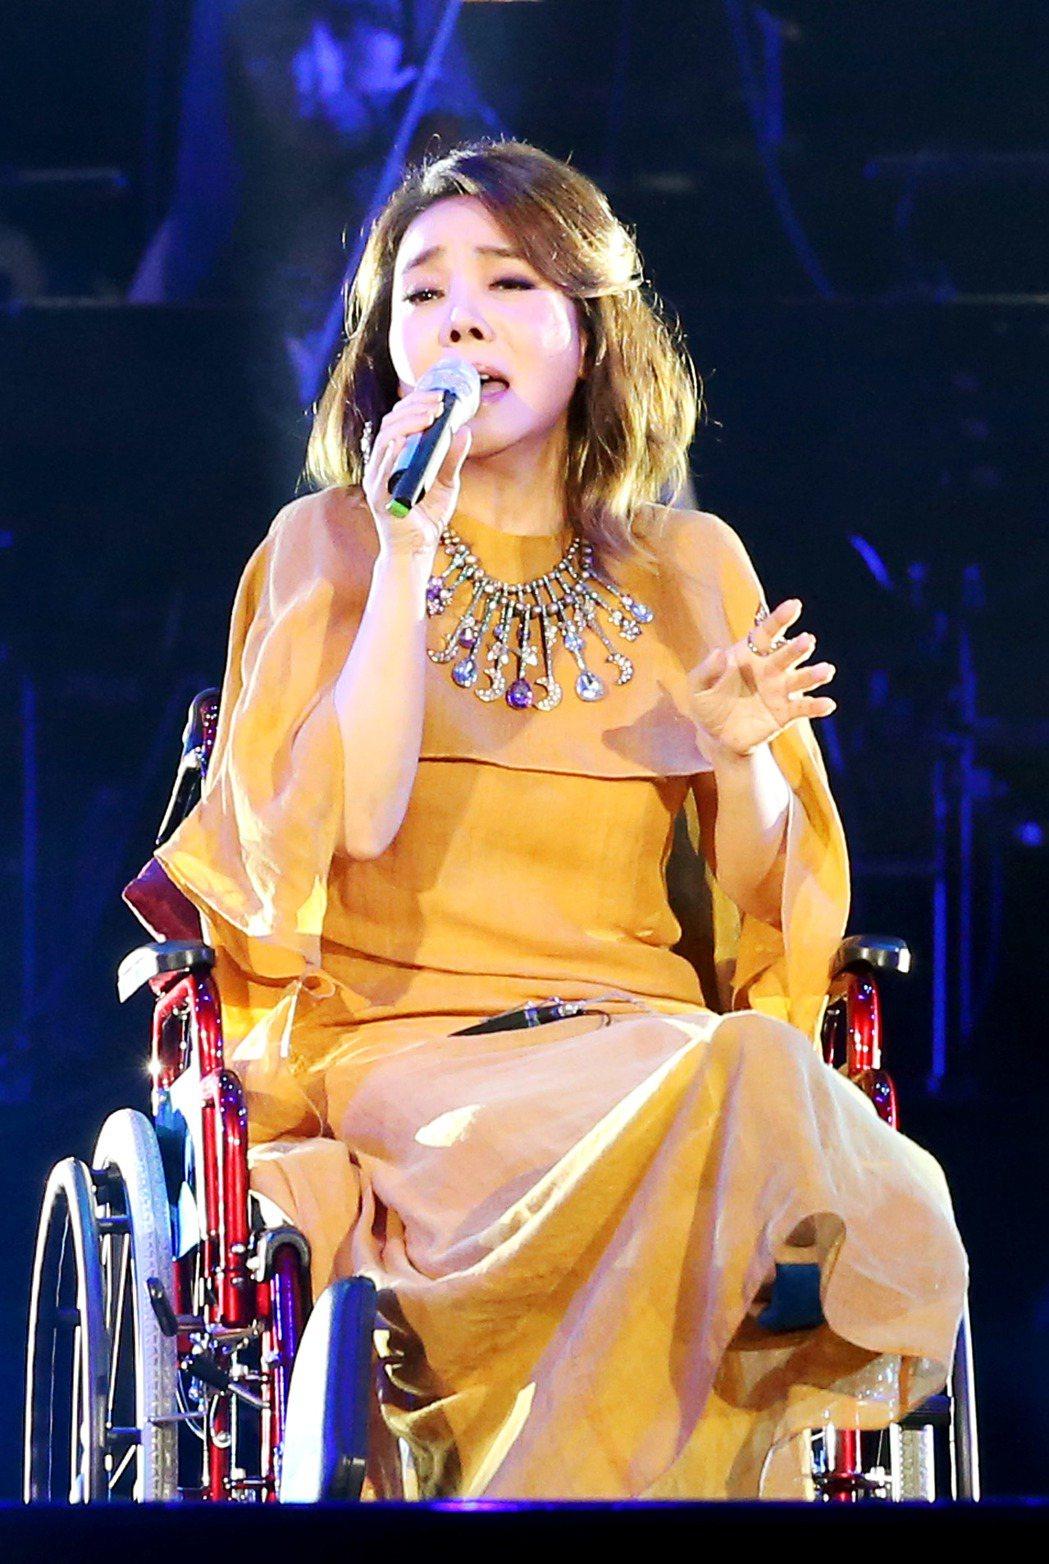 「假如我是羅大佑演唱會」在台北小巨蛋演出,辛曉琪坐著輪椅演唱羅大佑經典作品。記者